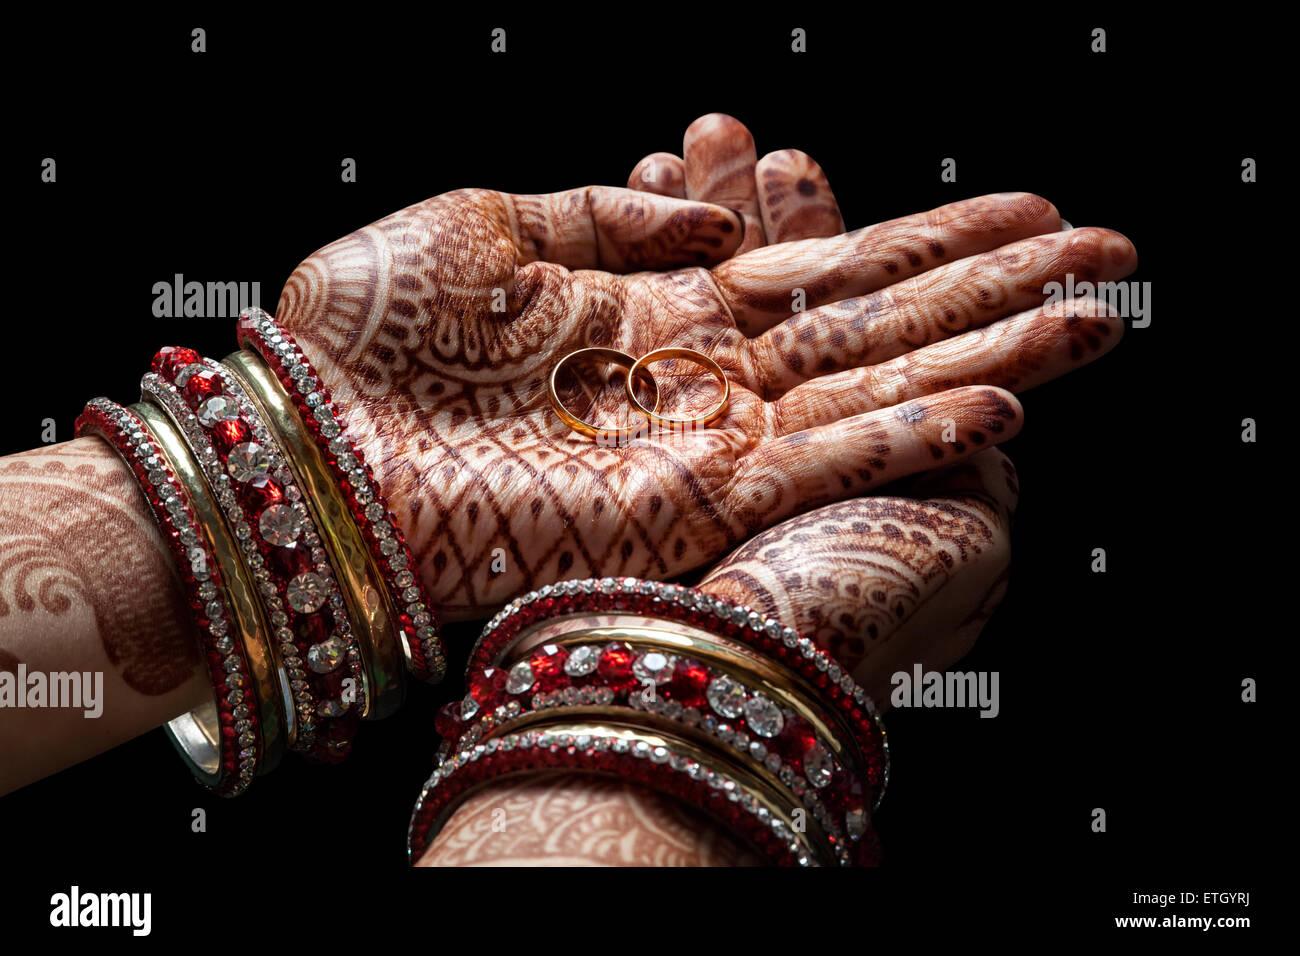 Les mains de henné femme tenant deux bagues d'or sur fond noir Photo Stock